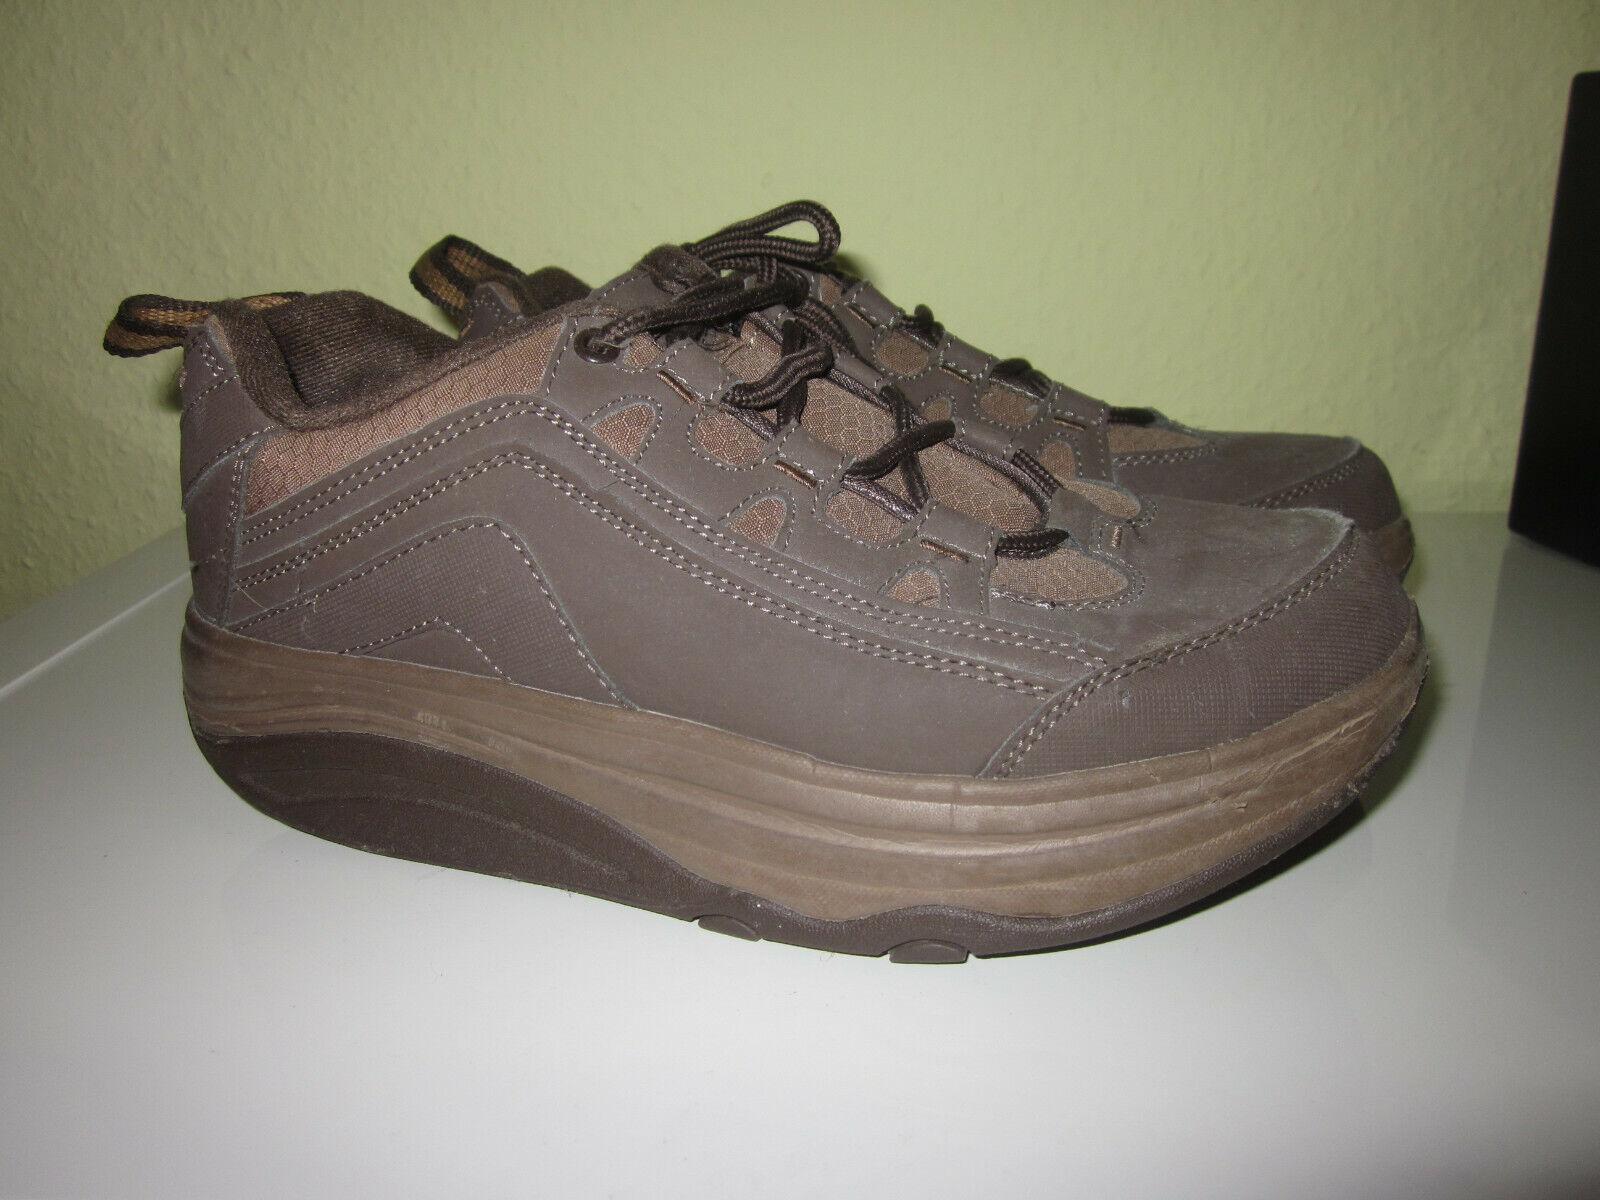 Fitness Schuhe Outdoor mit abgerundeter Sohle 38 braun ungetragen  Walkmaxx